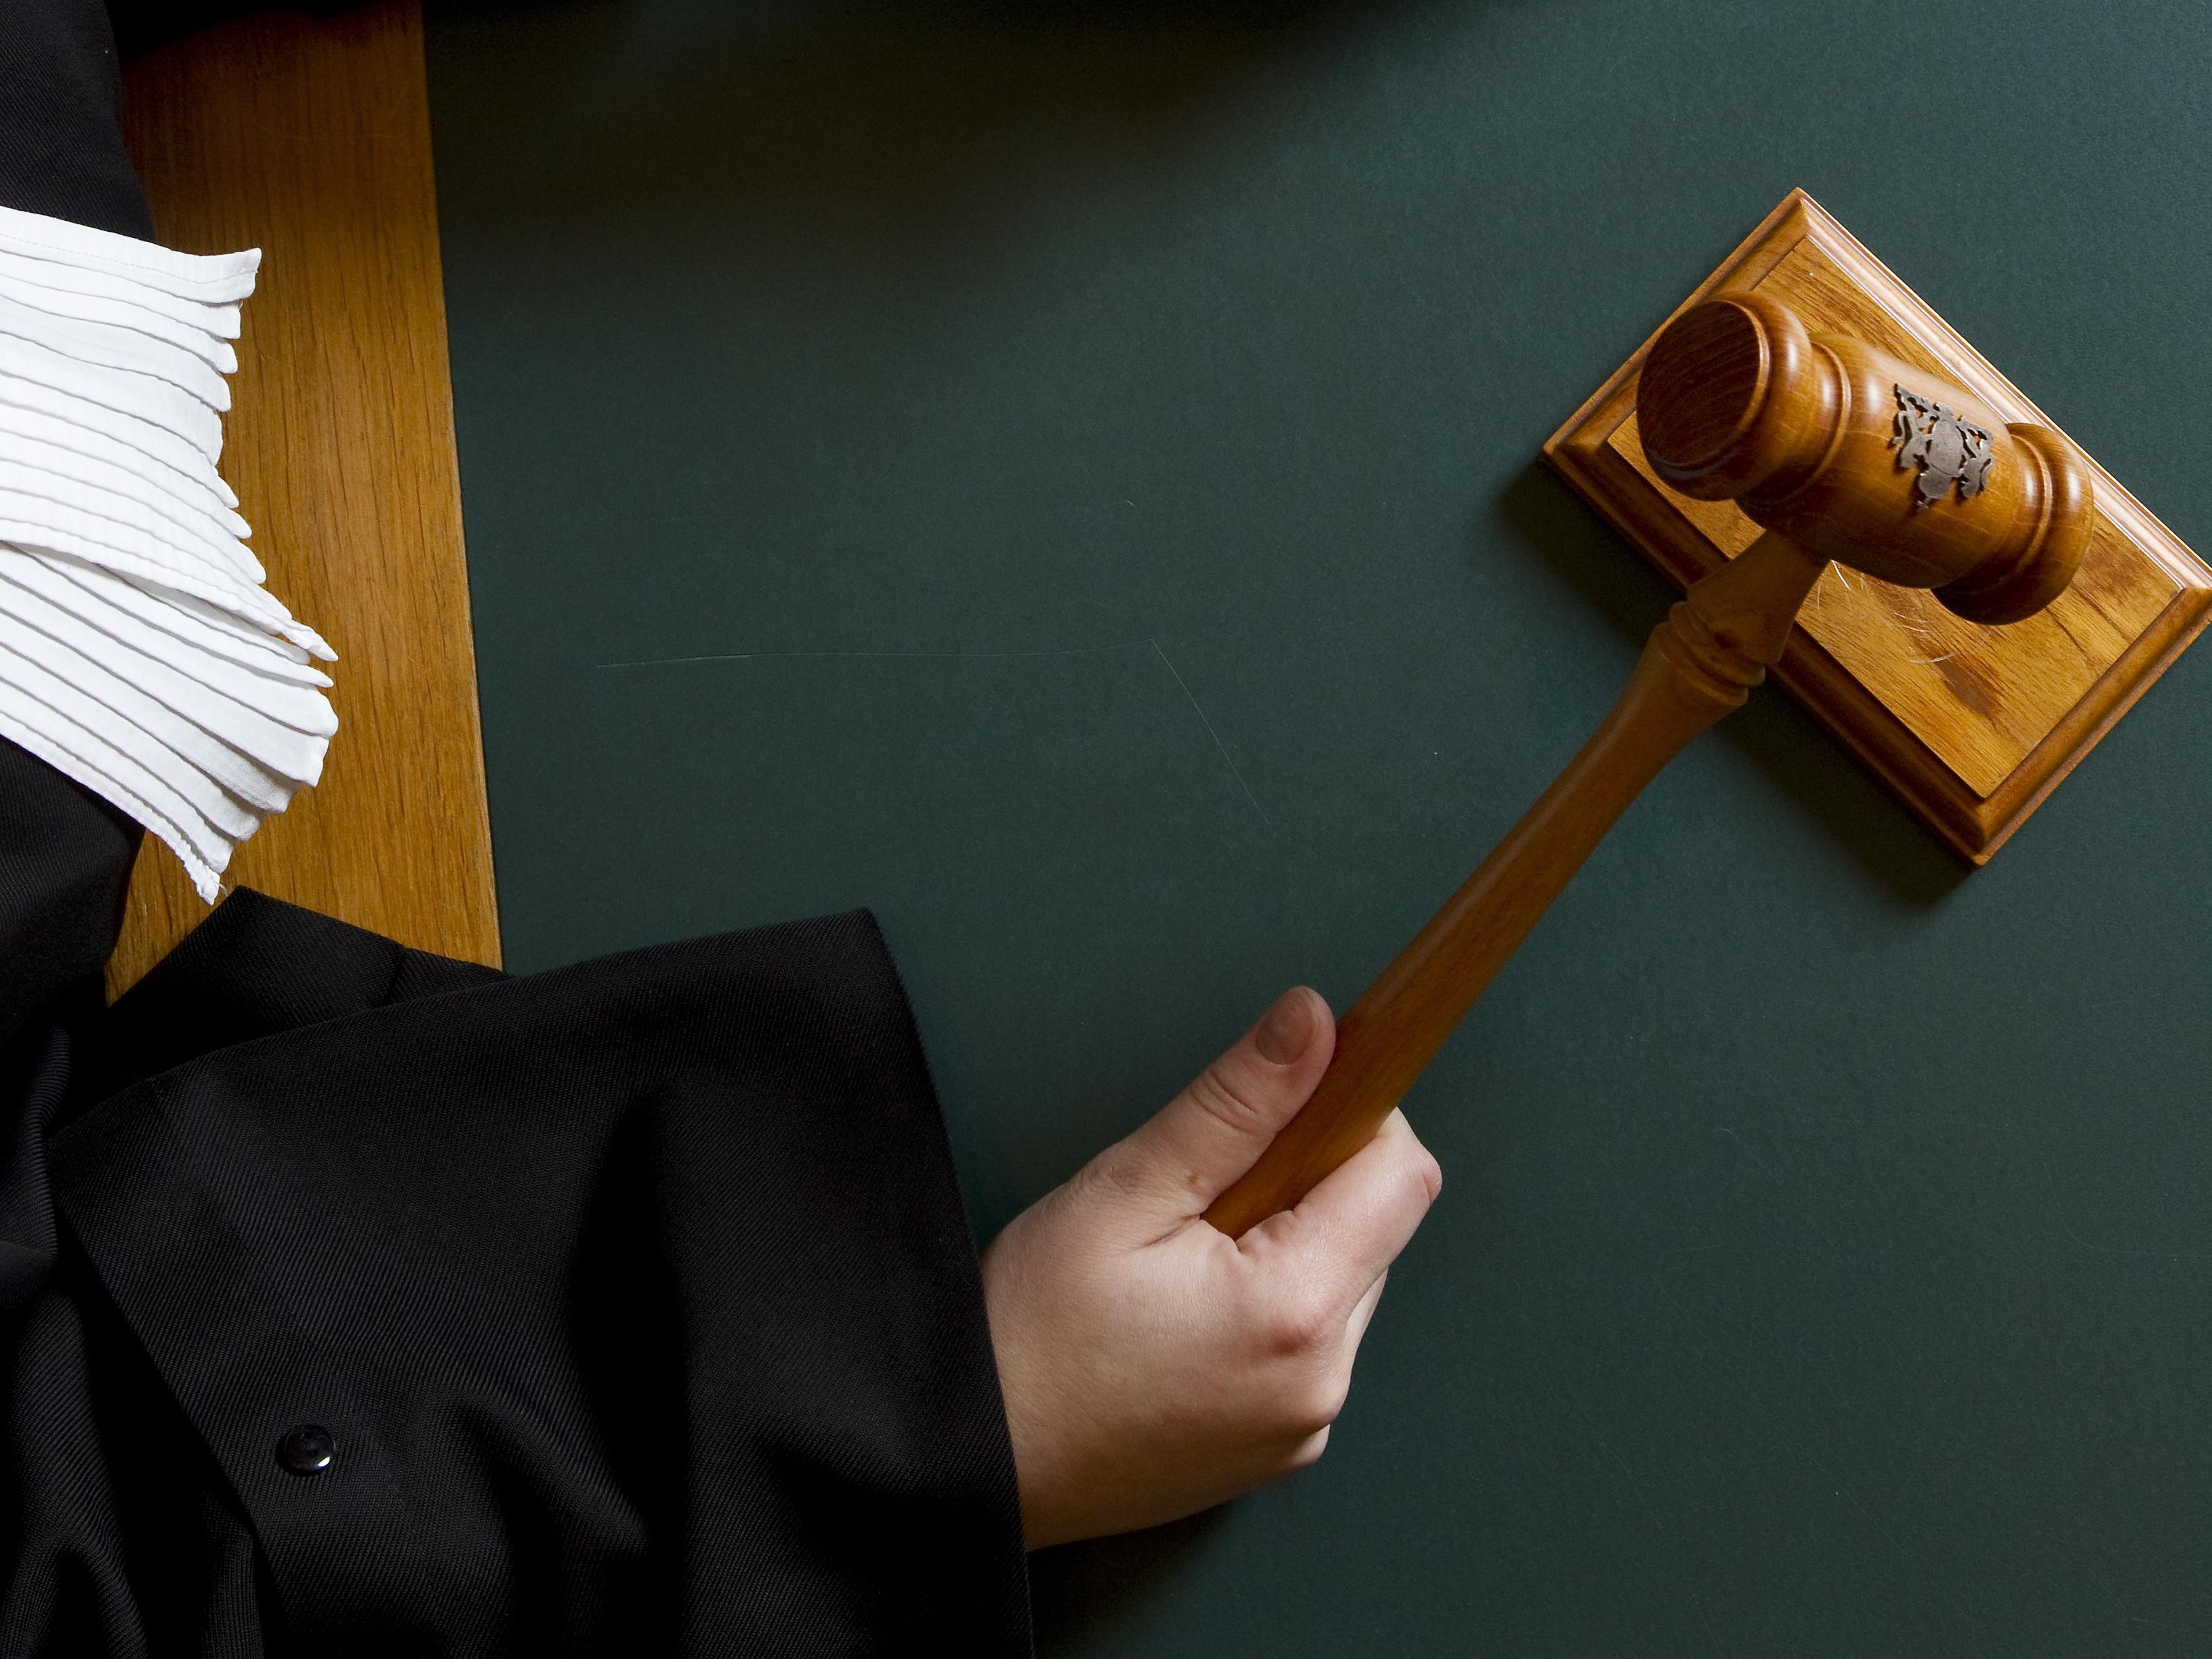 Haarlemmer (25) krijgt fikse werkstraf voor inbraak bij ex van gedupeerd nichtje